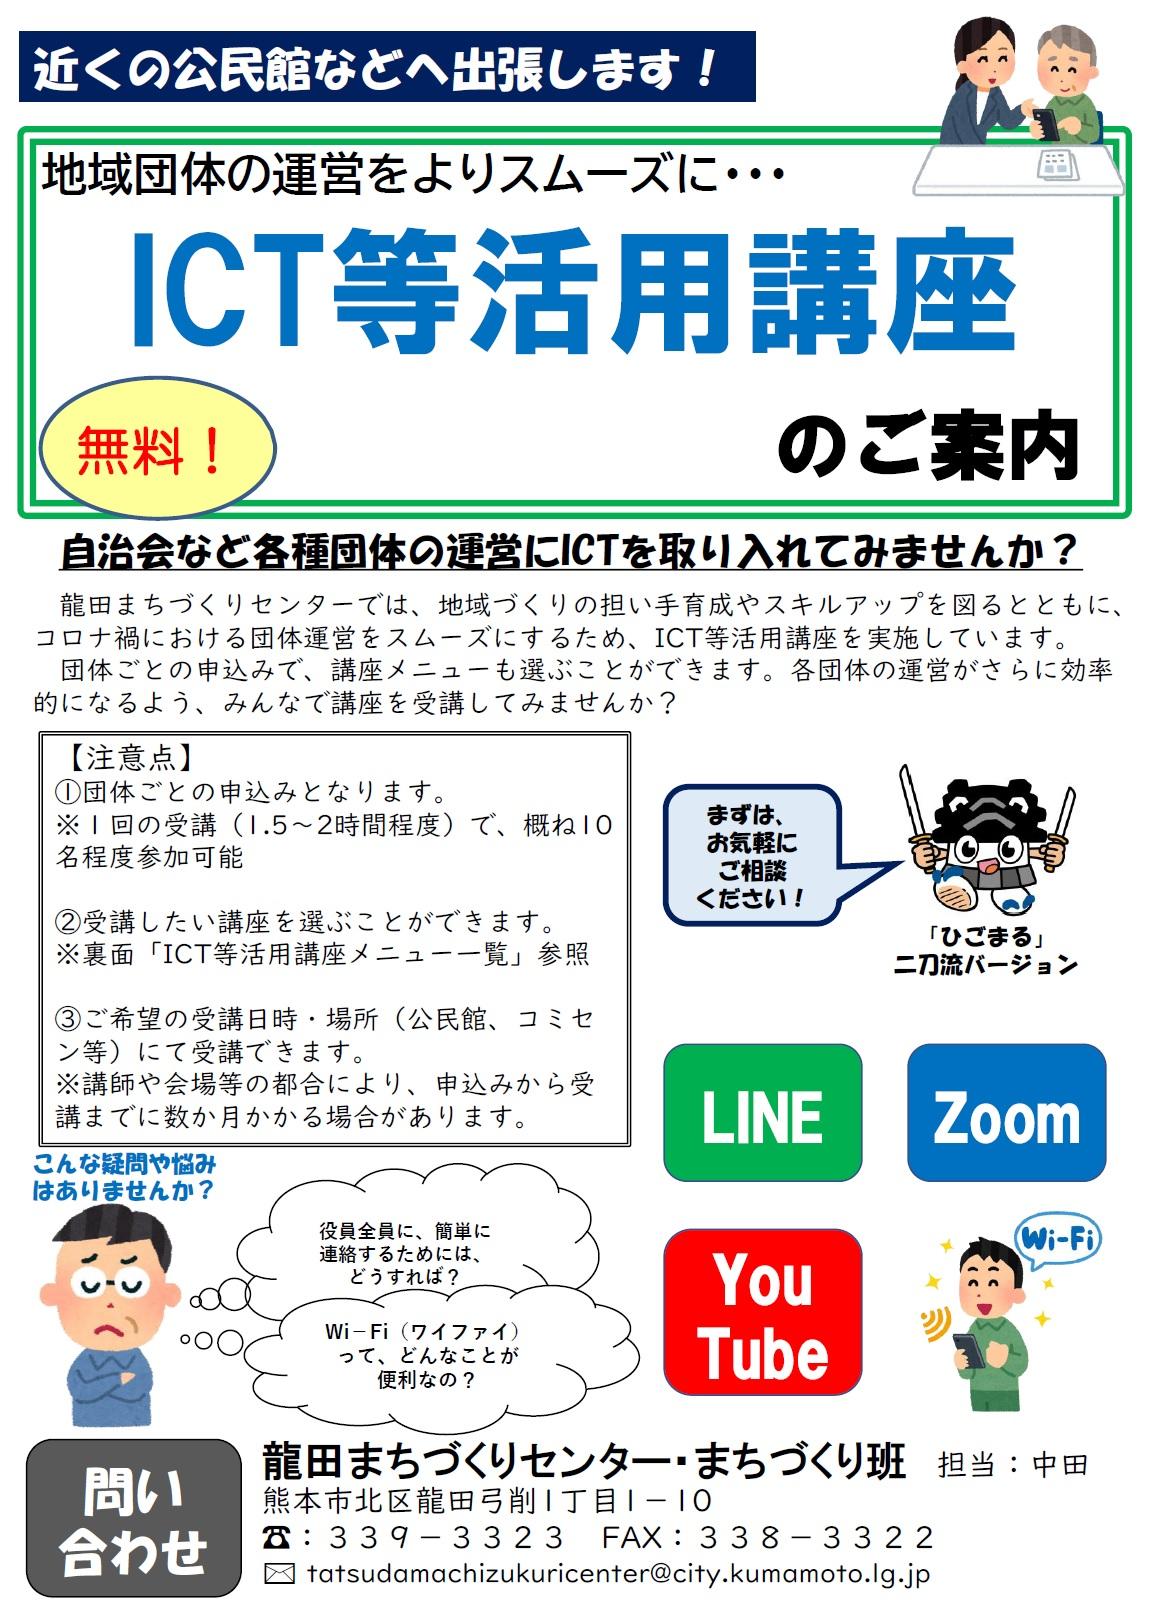 ICT等活用講座周知用チラシ(表)